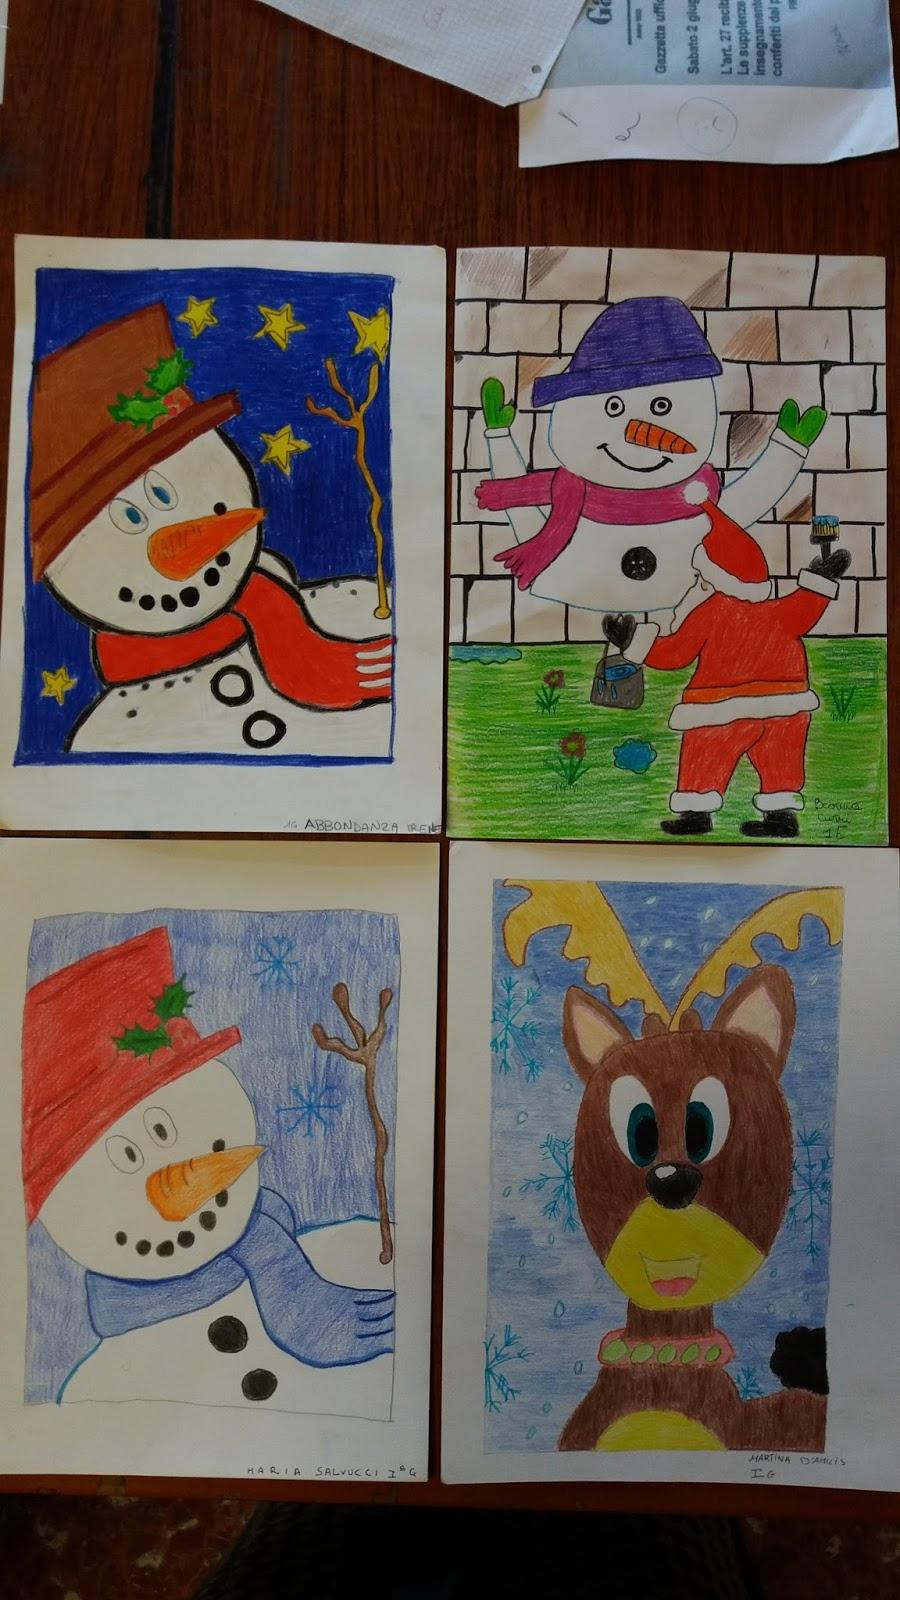 Disegni Di Natale Per Scuola Media.Due Ore Di Arte Natale 2015 La Mostra Dei Disegni Degli Alunni